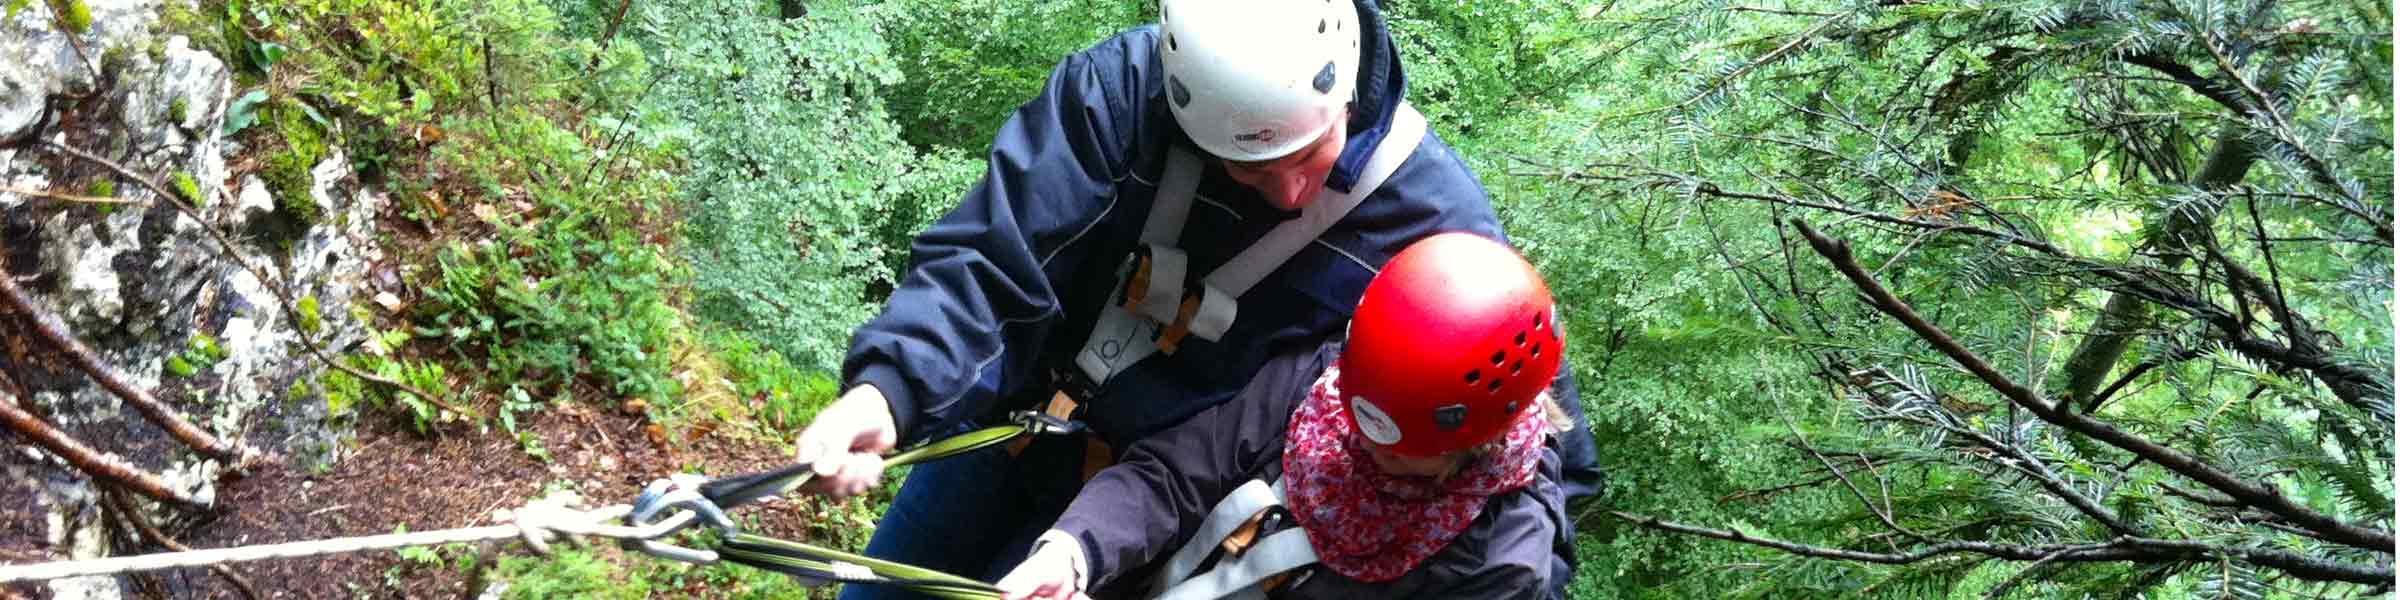 Klettergarten Oberaudorf: Gruppenerlebnis für Vereine